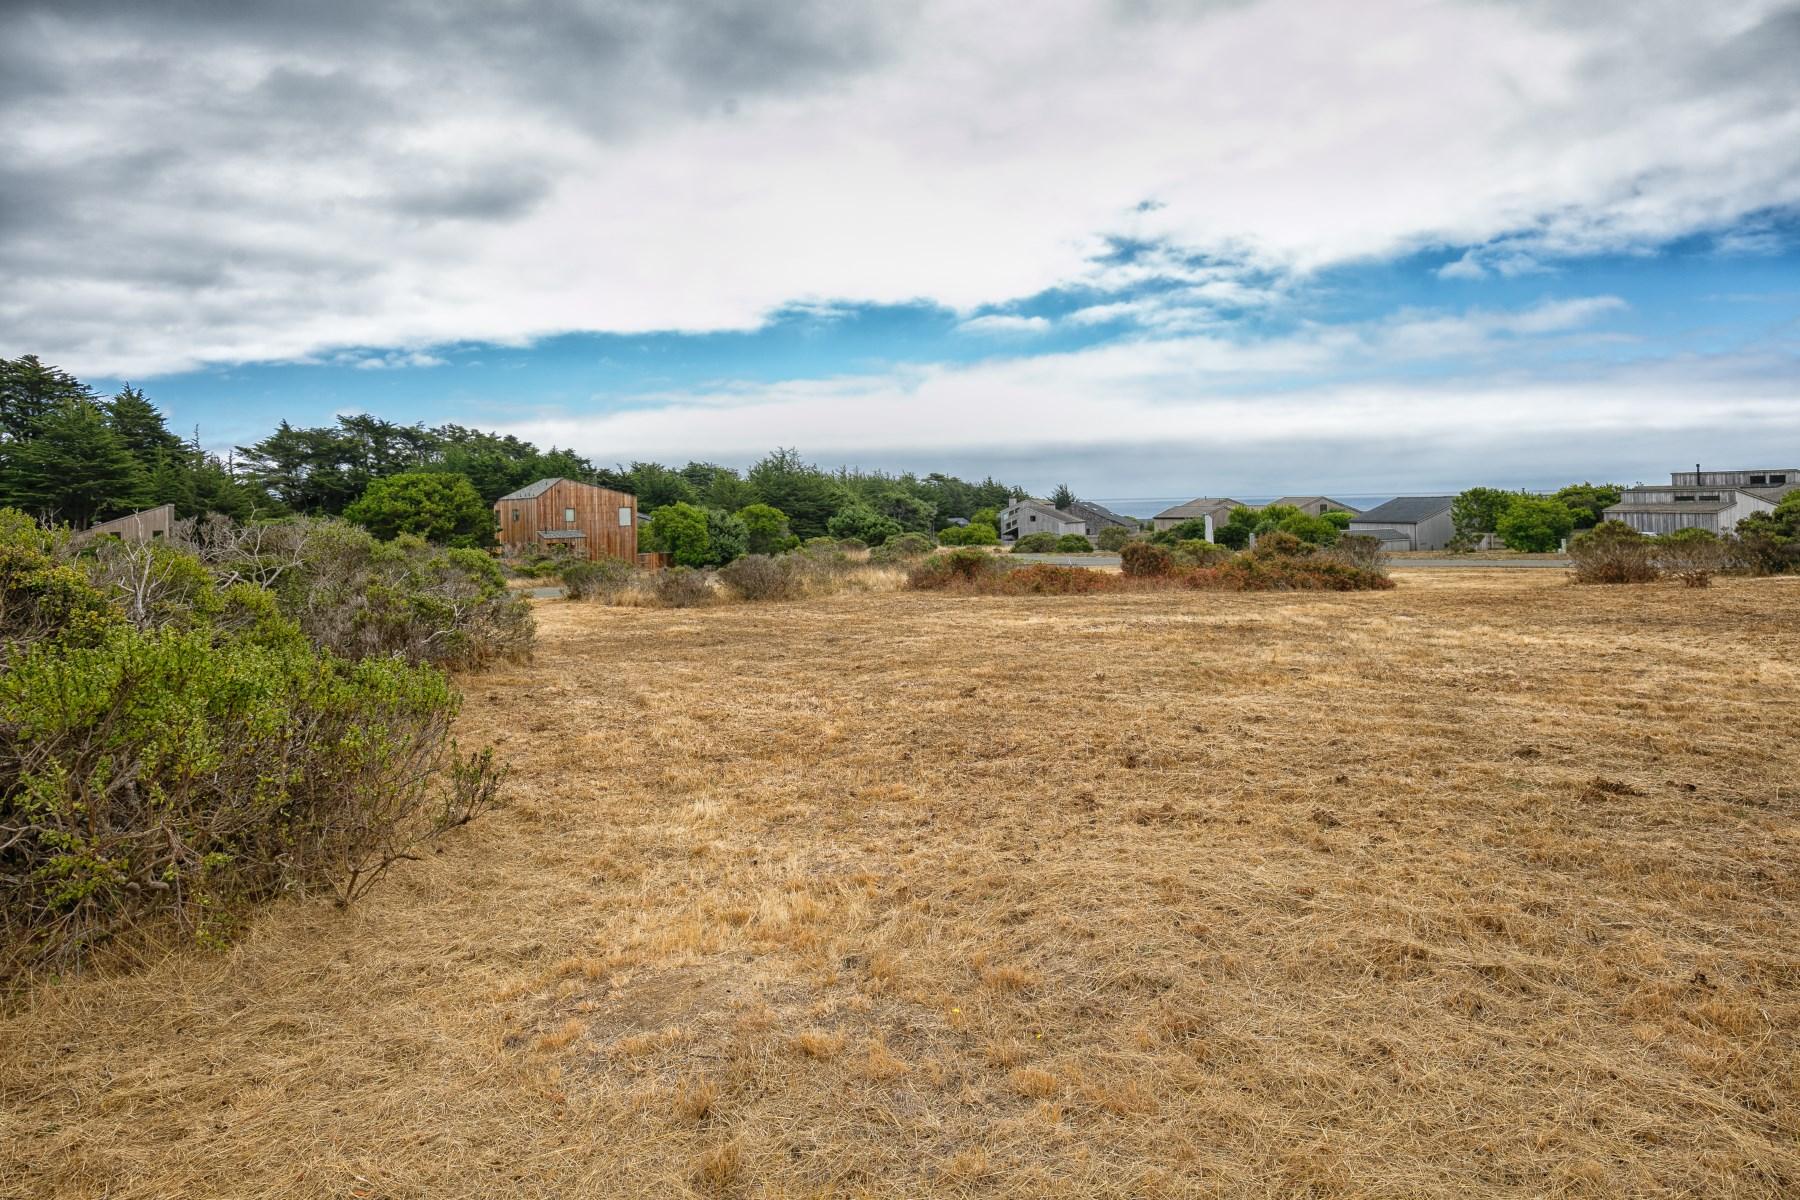 Terreno per Vendita alle ore Sea Ranch Lot 77 Burl Tree The Sea Ranch, California, 95497 Stati Uniti